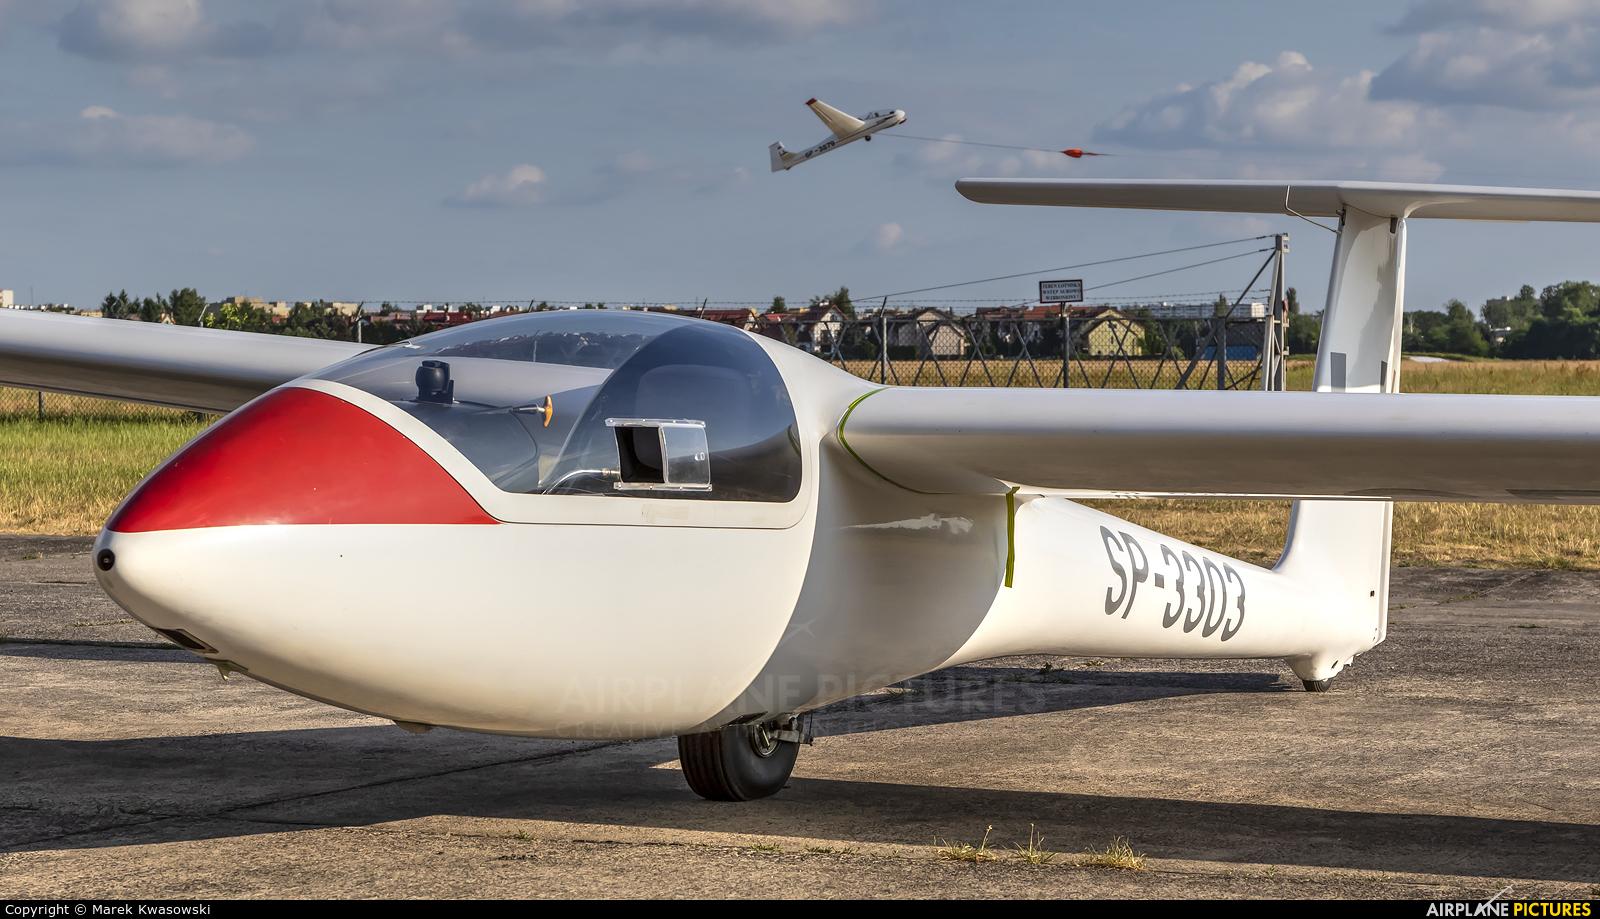 Aeroklub Warszawski SP-3303 aircraft at Warsaw - Babice